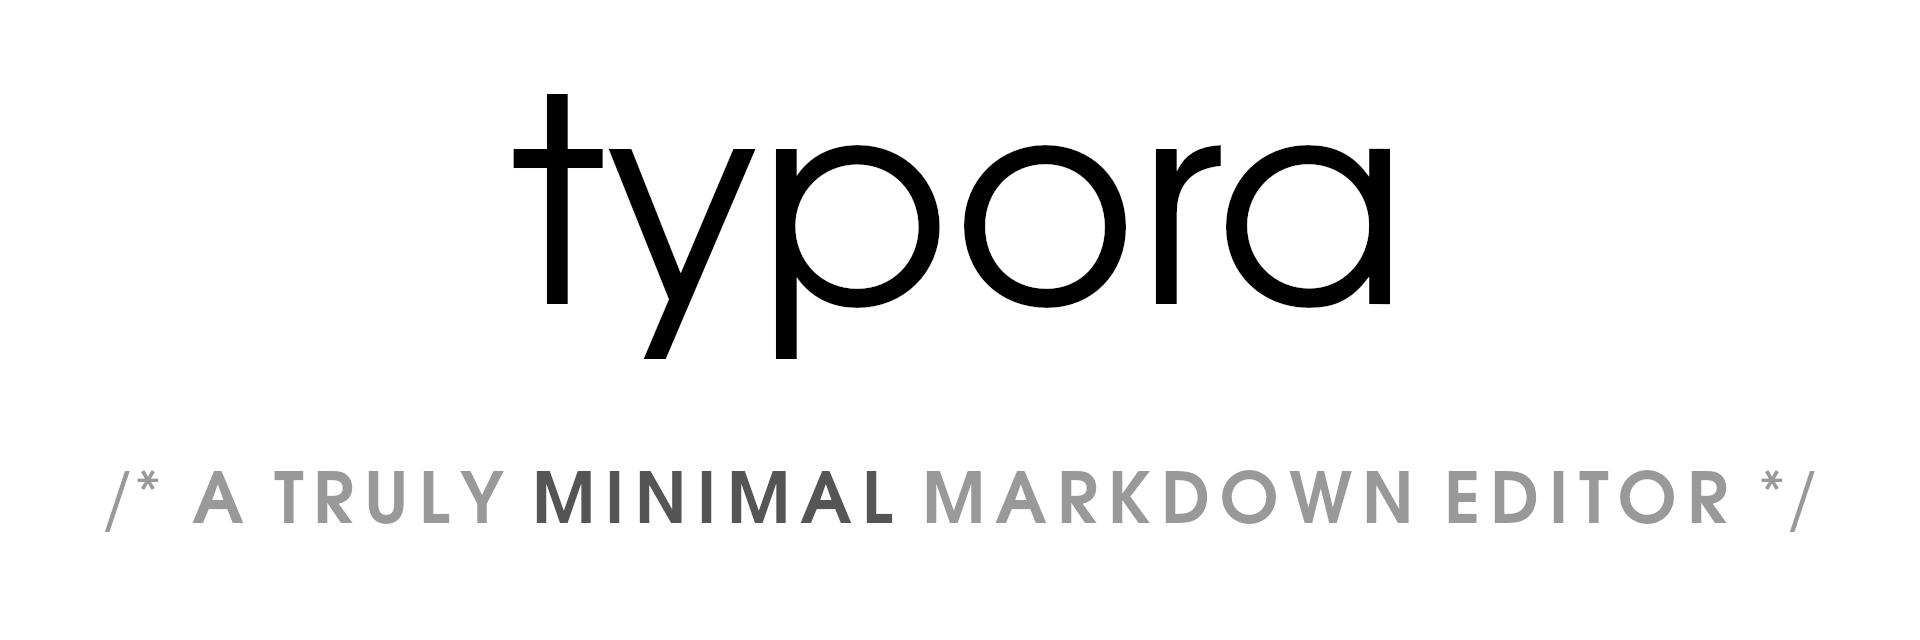 typora banner